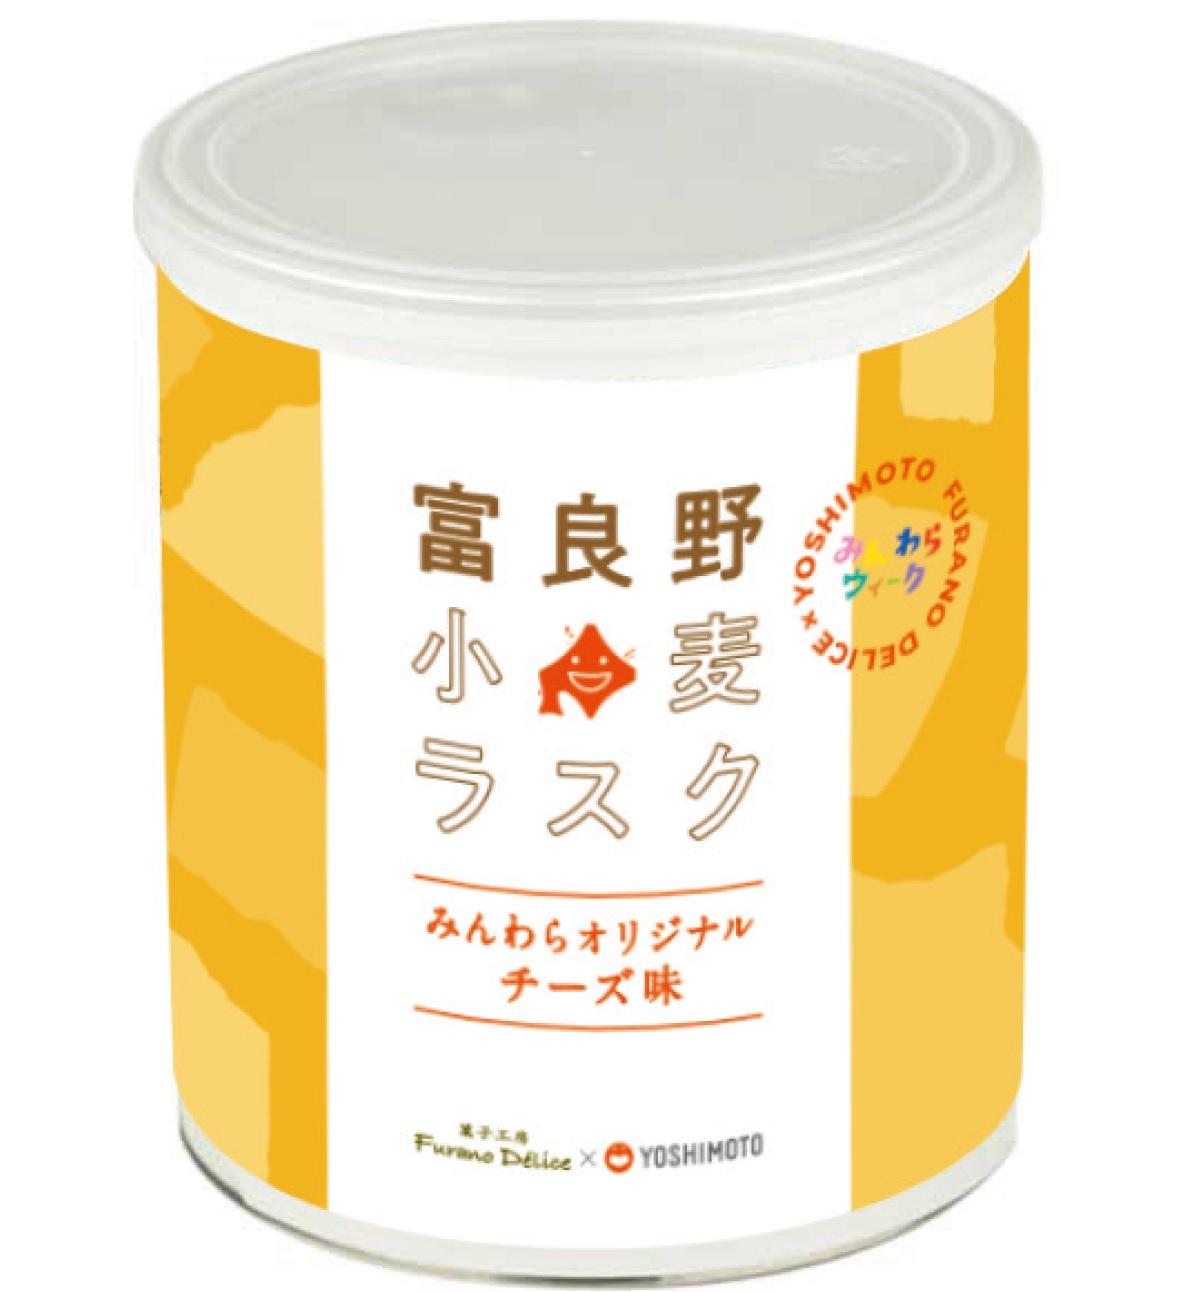 富良野小麦ラスク みんわらオリジナルチーズ味 2缶セット